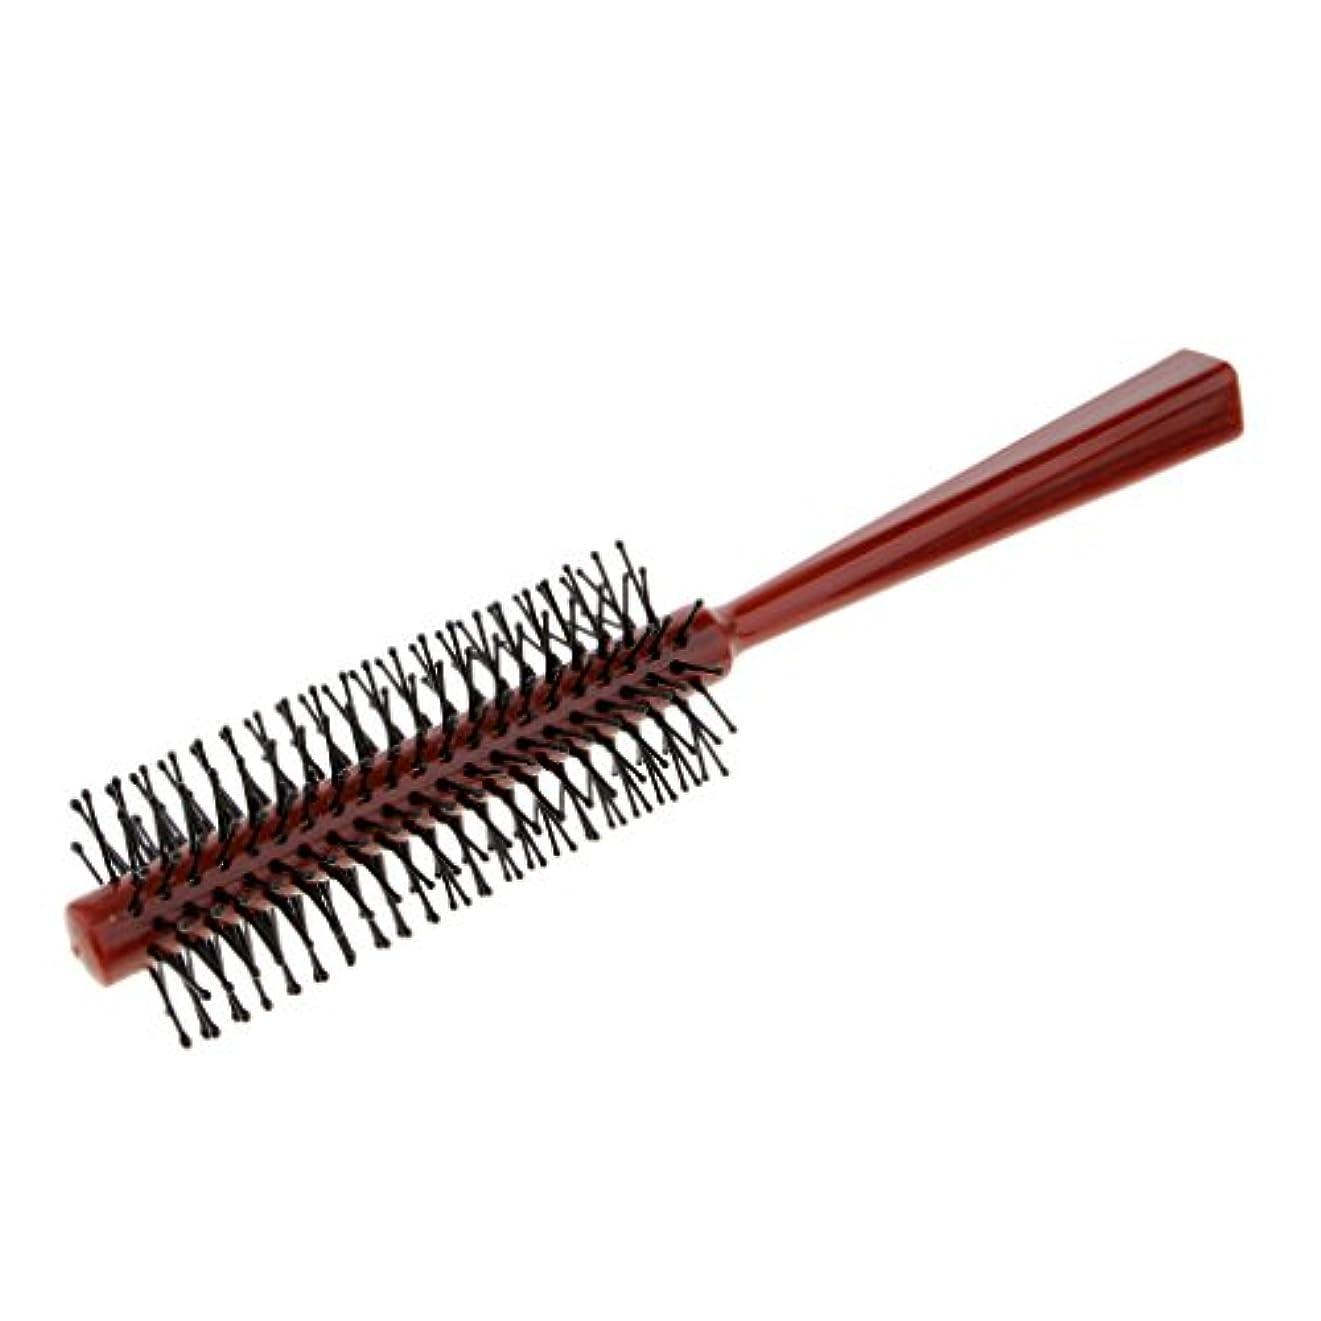 偽善者餌銃DYNWAVE ヘアブラシ ロール ロールブラシ 頭皮マッサージ カール 巻き髪 全2色 - 赤